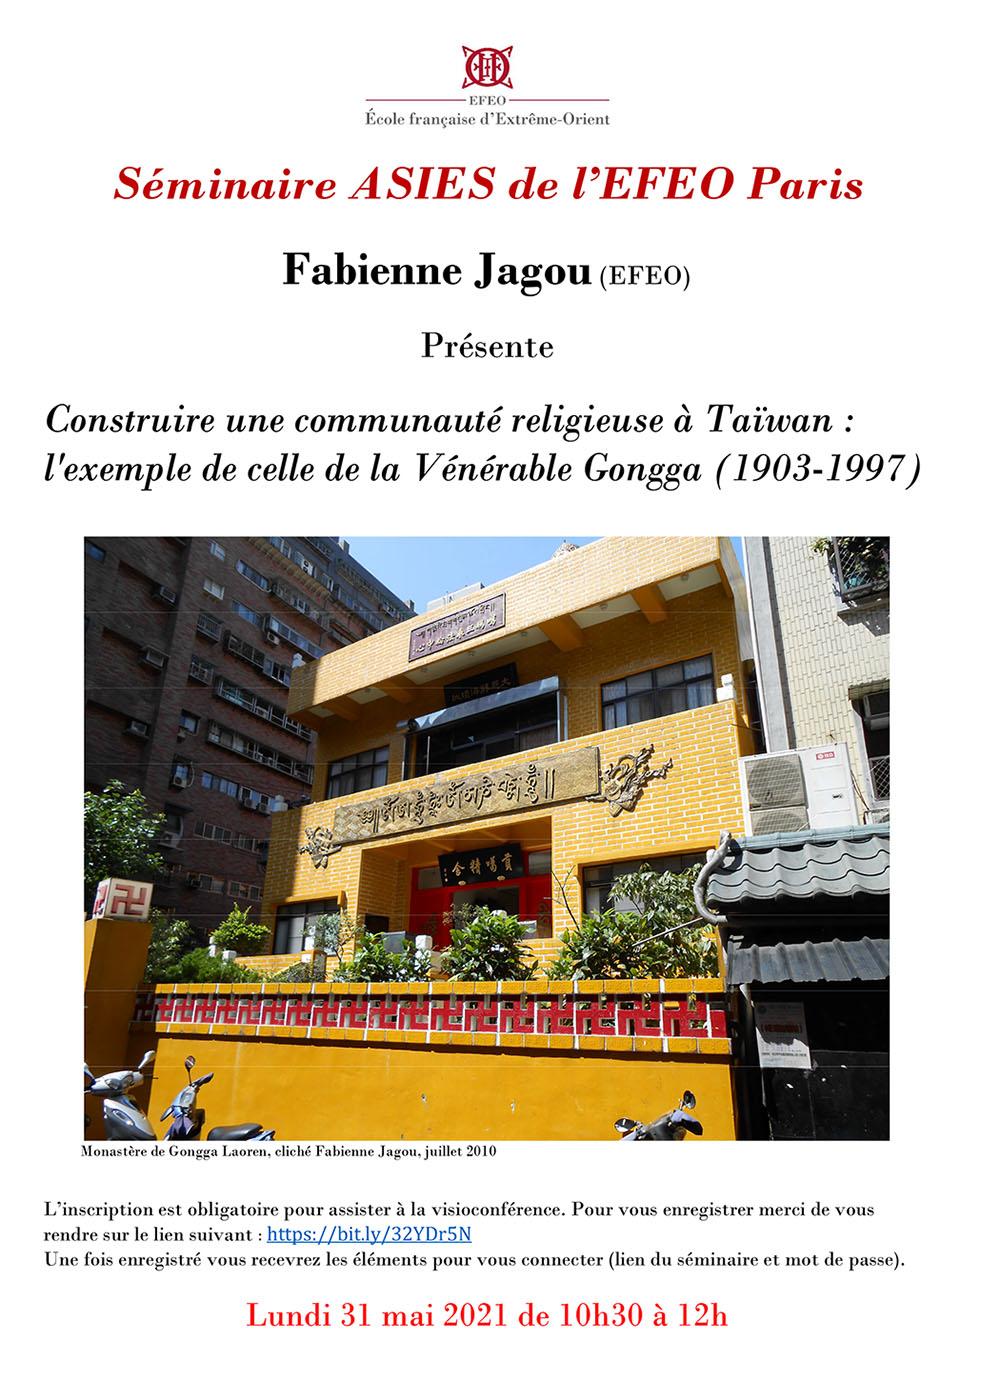 Fabienne Jagou : Construire une communauté religieuse à Taïwan : l'exemple de celle de la Vénérable Gongga (1903-1997)